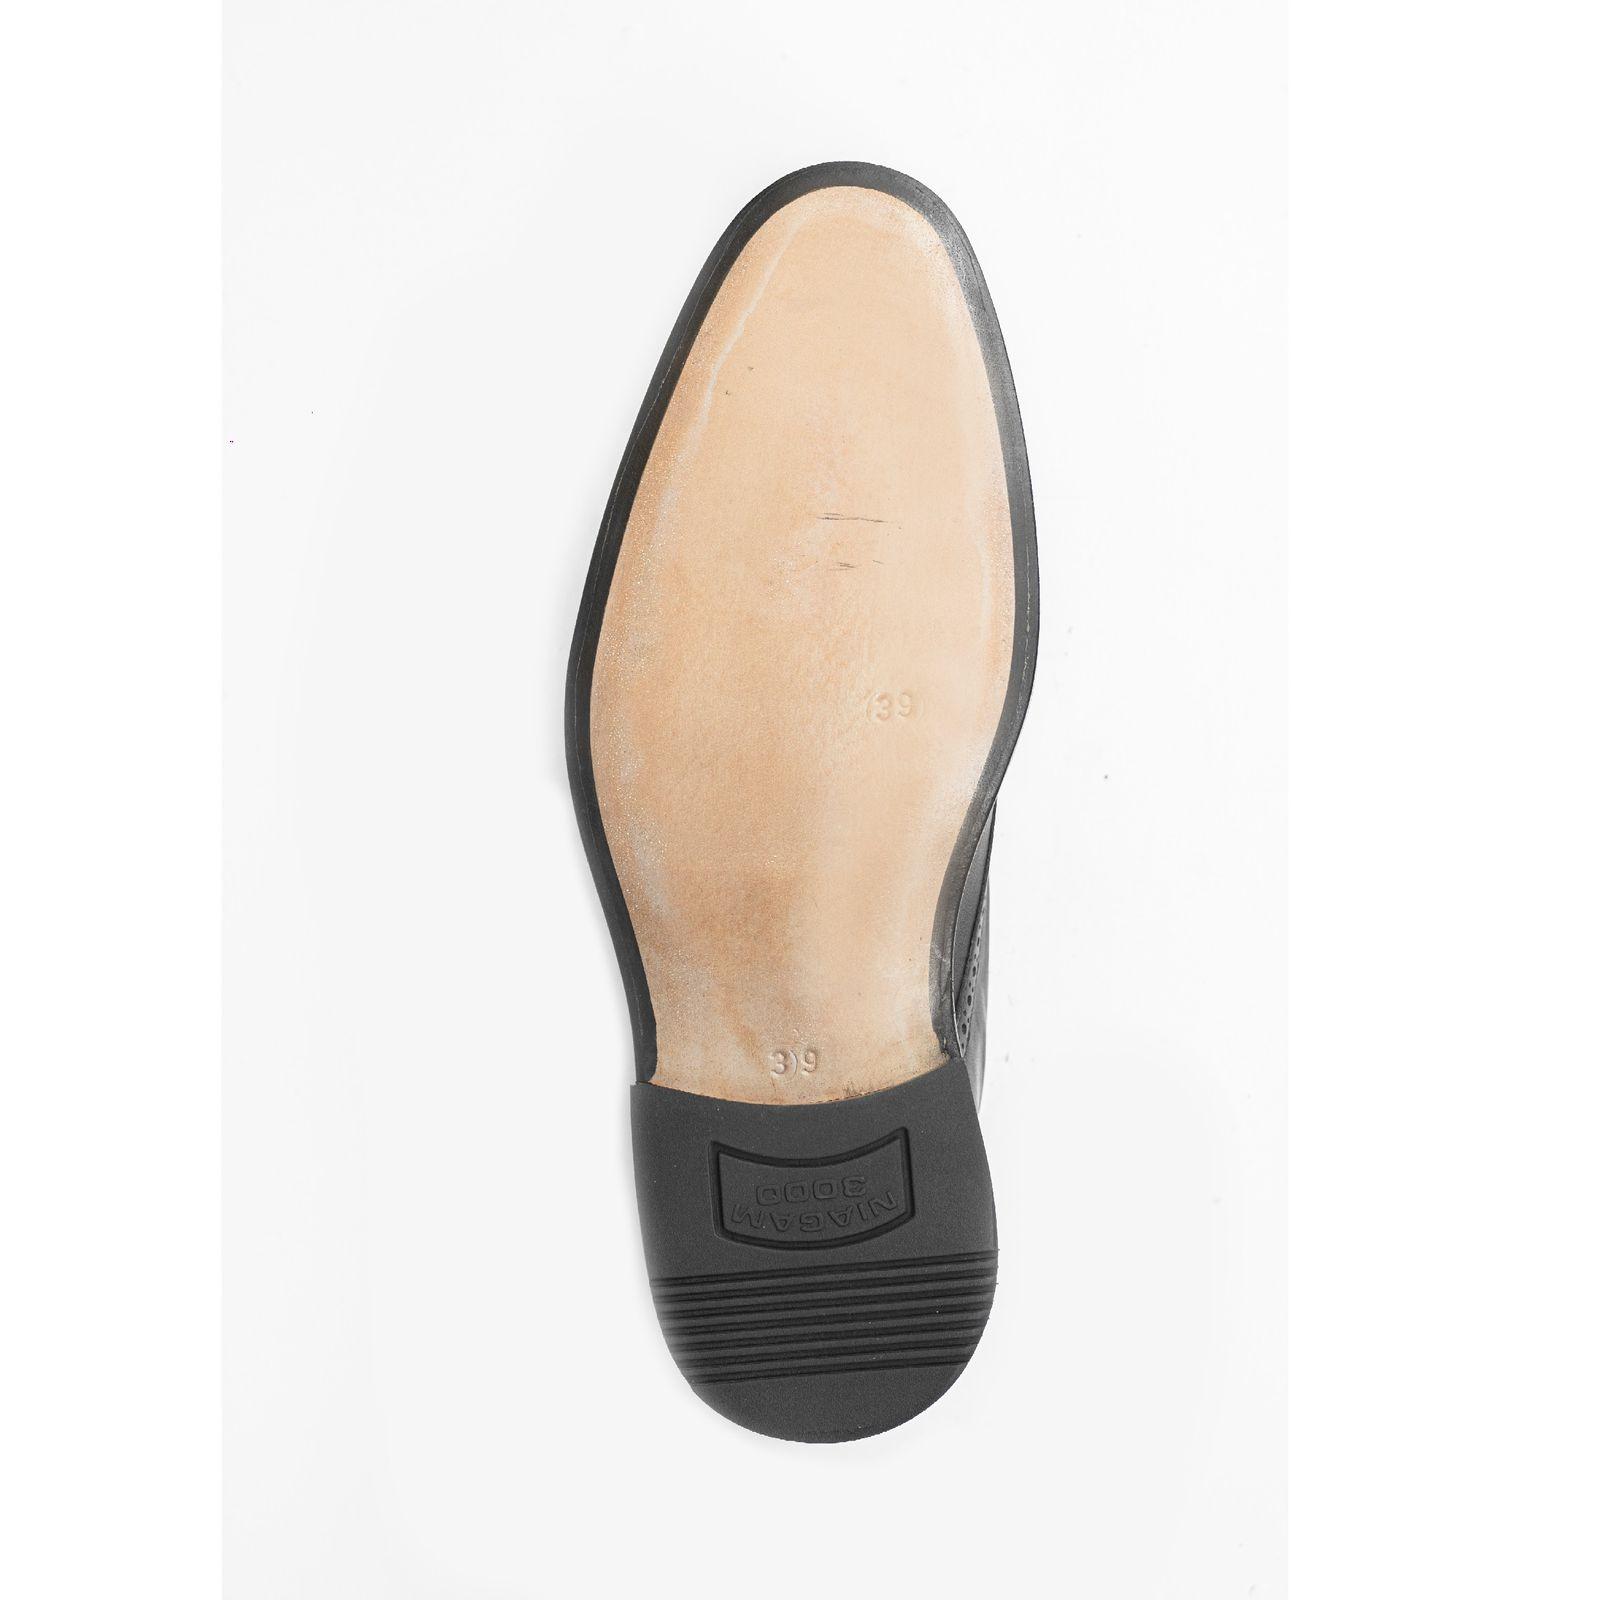 کفش مردانه کد 1698 -  - 2